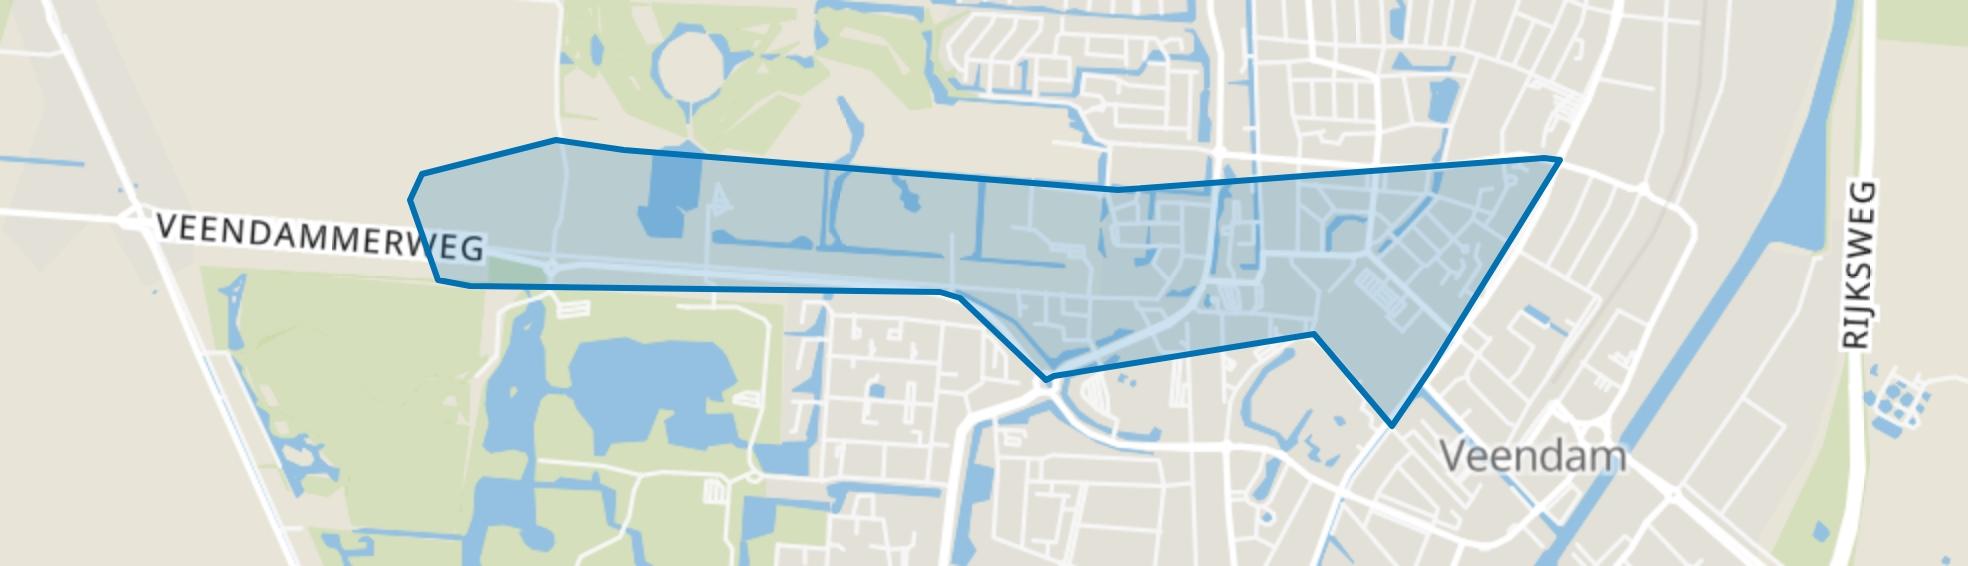 Veendam-Centrum, Veendam map